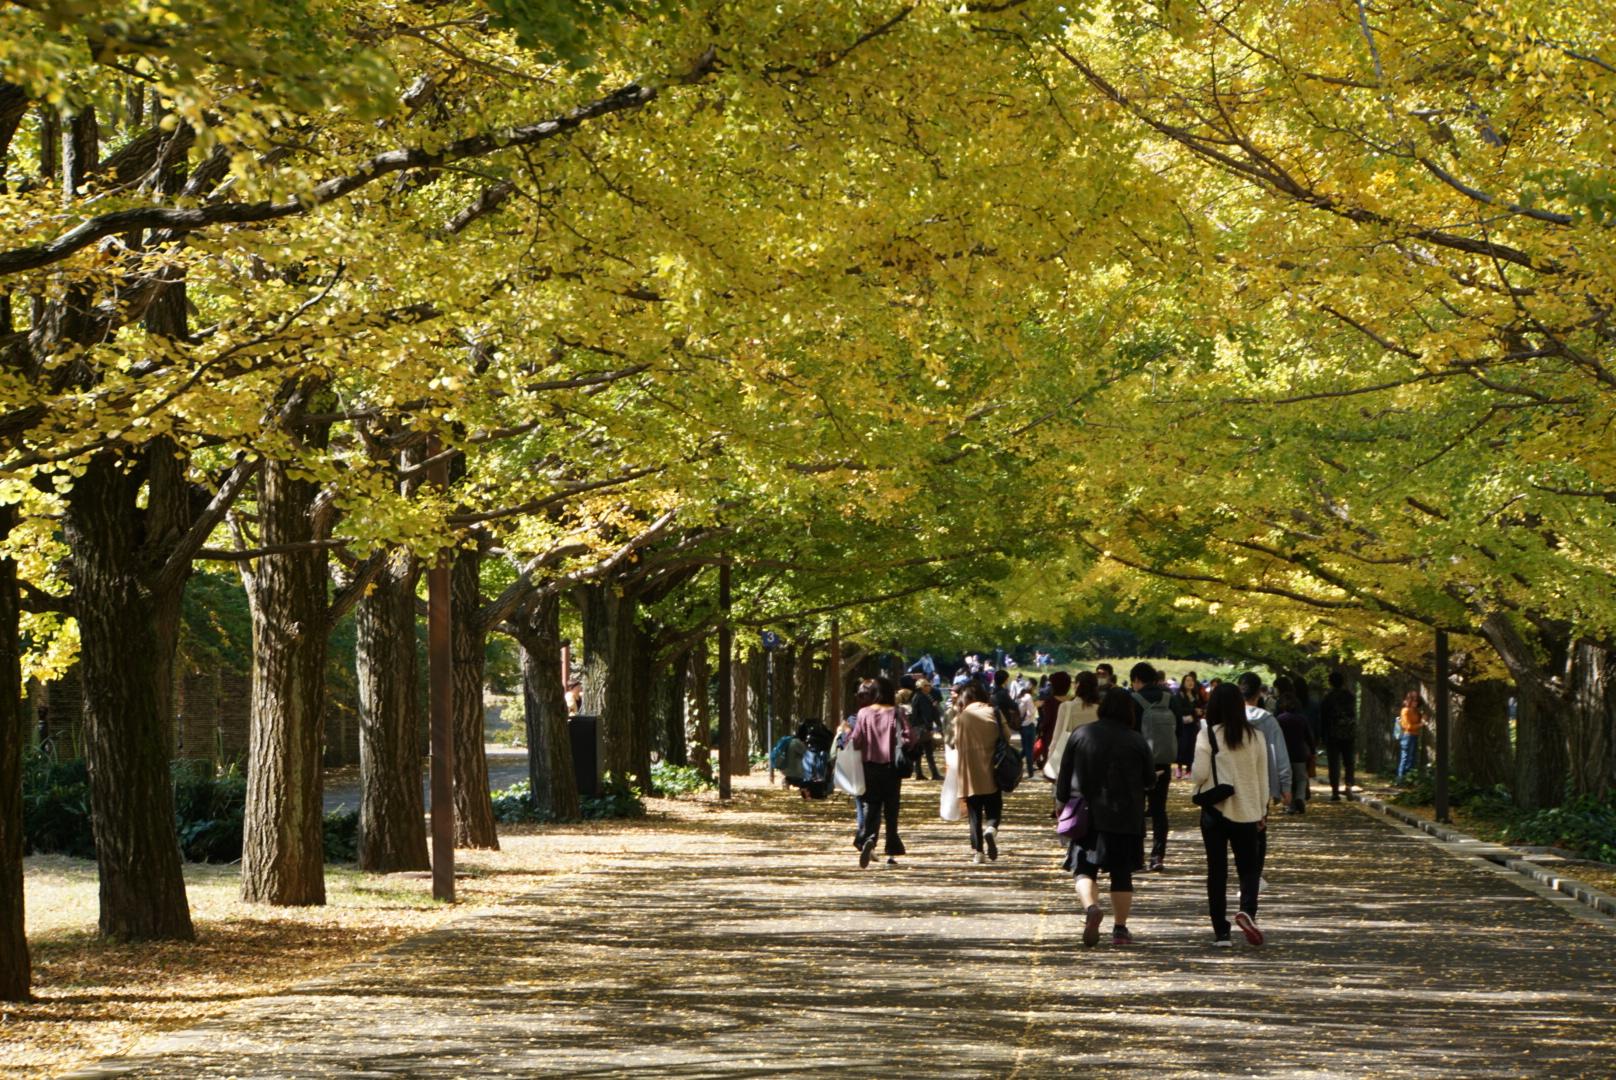 【写真集】落ち葉積もる福島の秋は長く、そして純朴に美しい varias fotos bonitas del otoño que tomé yo